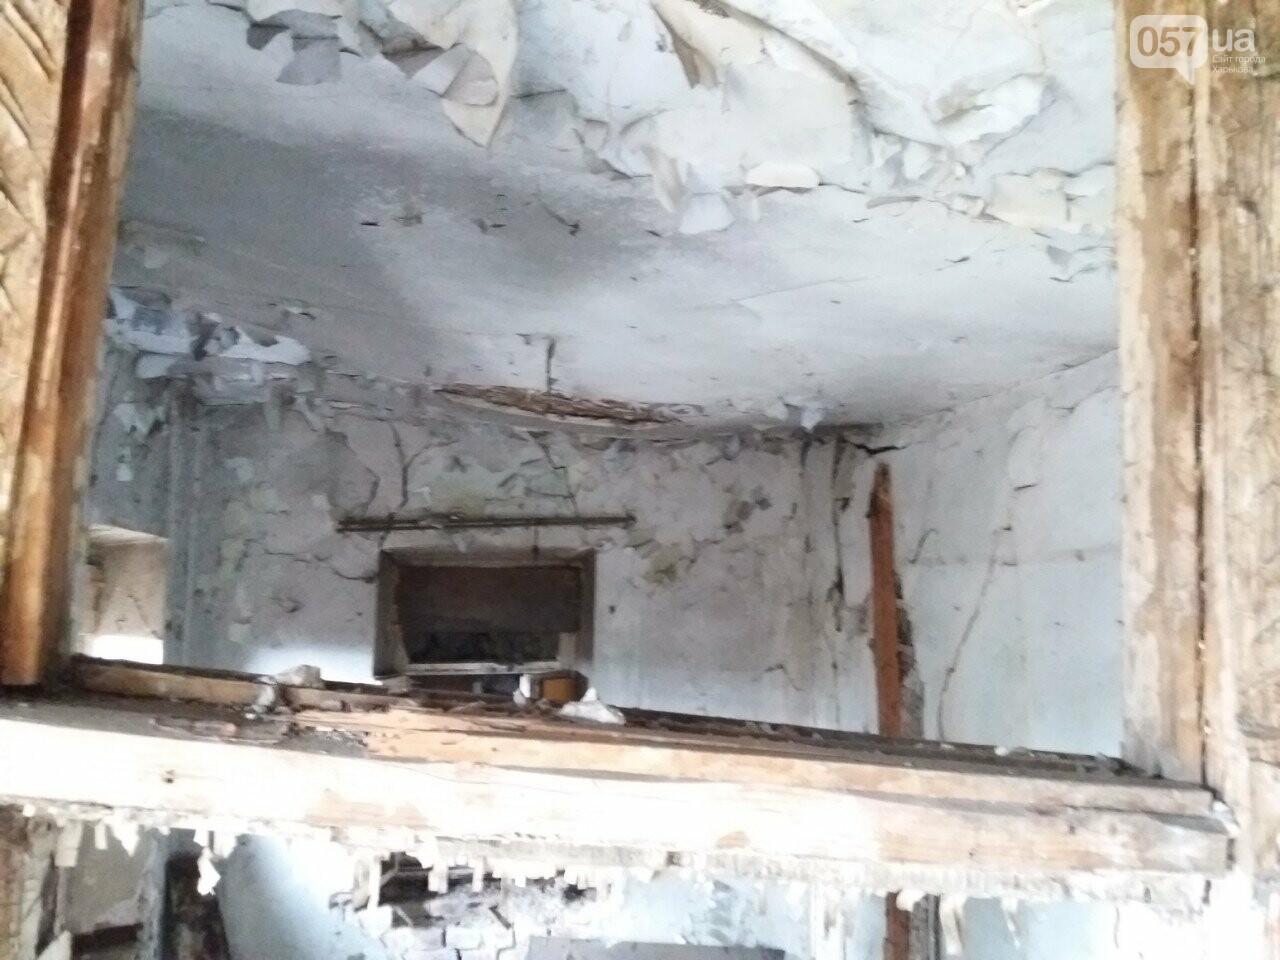 10 лет без ремонта: почему в Харькове не спешат восстанавливать аварийный дом, - ФОТО, фото-5